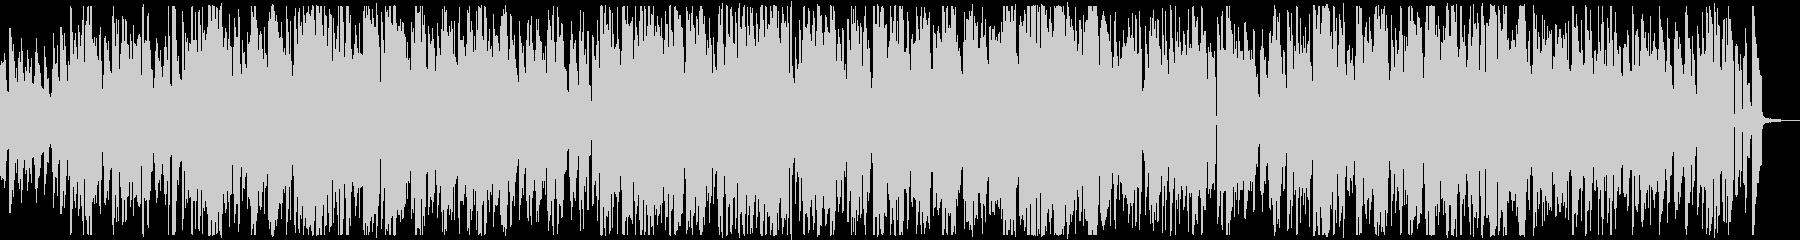 ヴィブラフォン・ジャズカルテットの未再生の波形